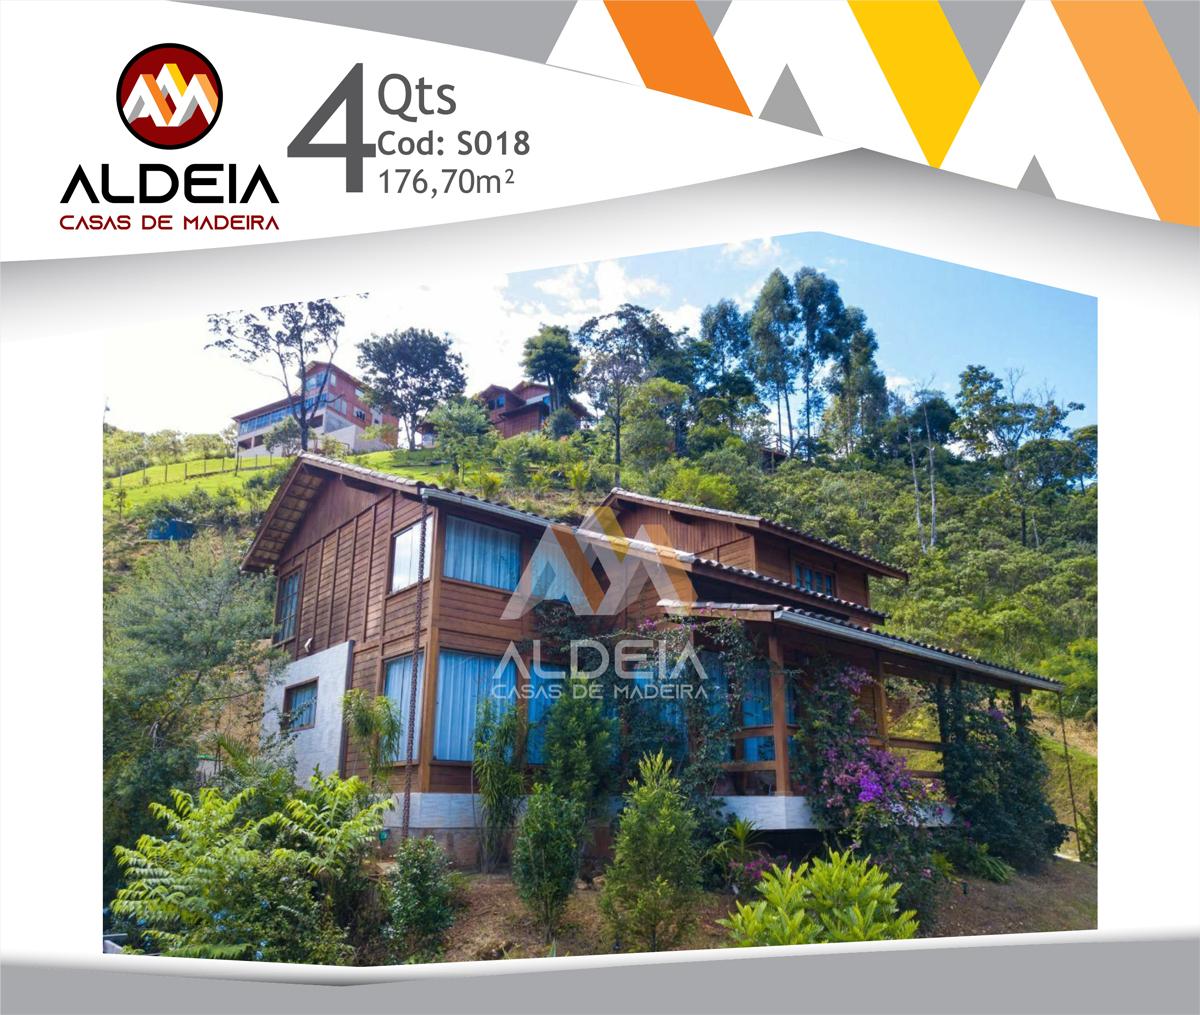 aldeia-casas-madeira-fachada-S018